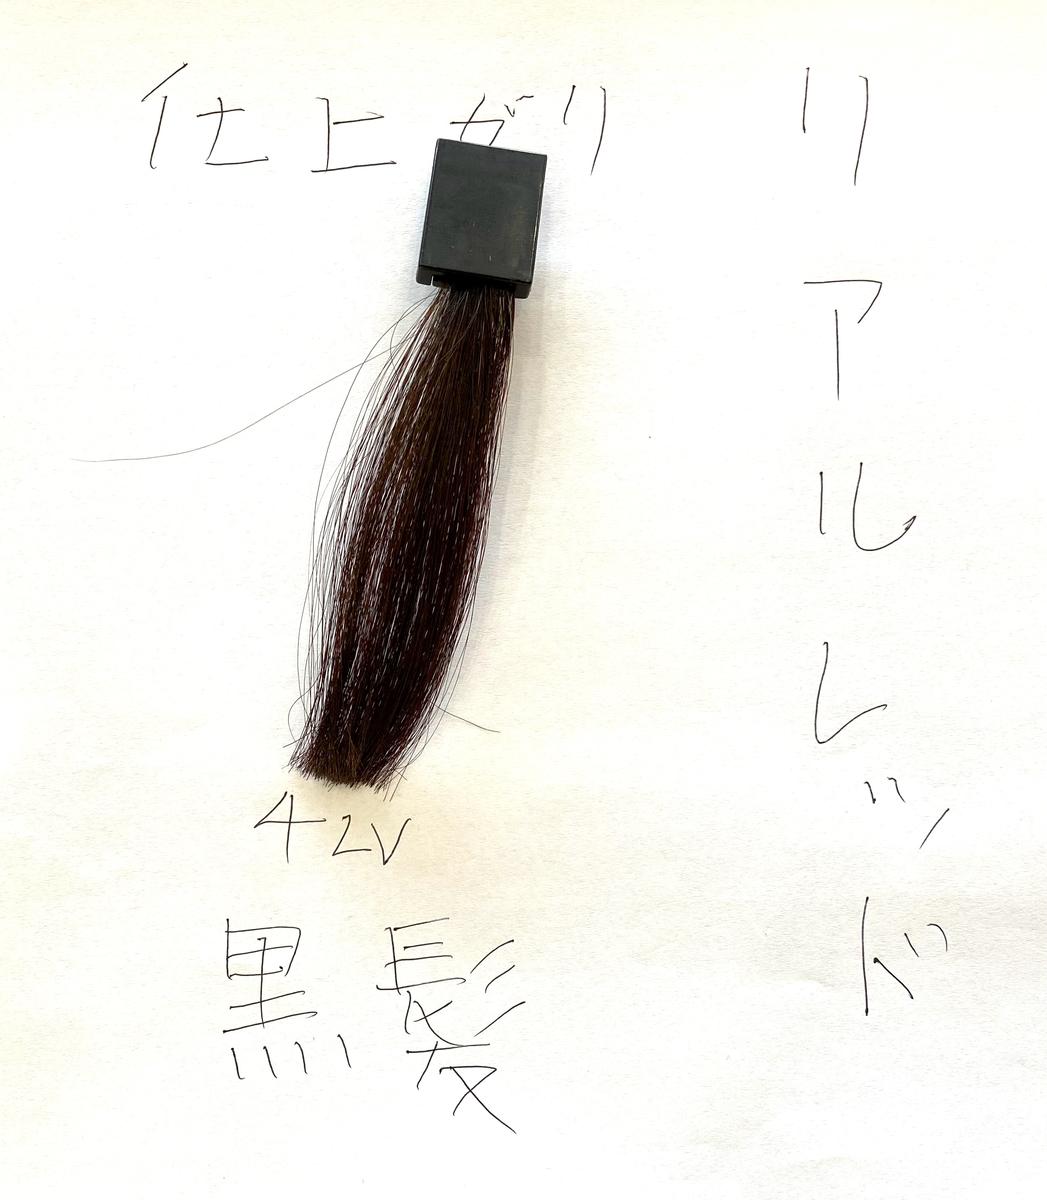 リアルレッドで染めた後の黒髪の毛束